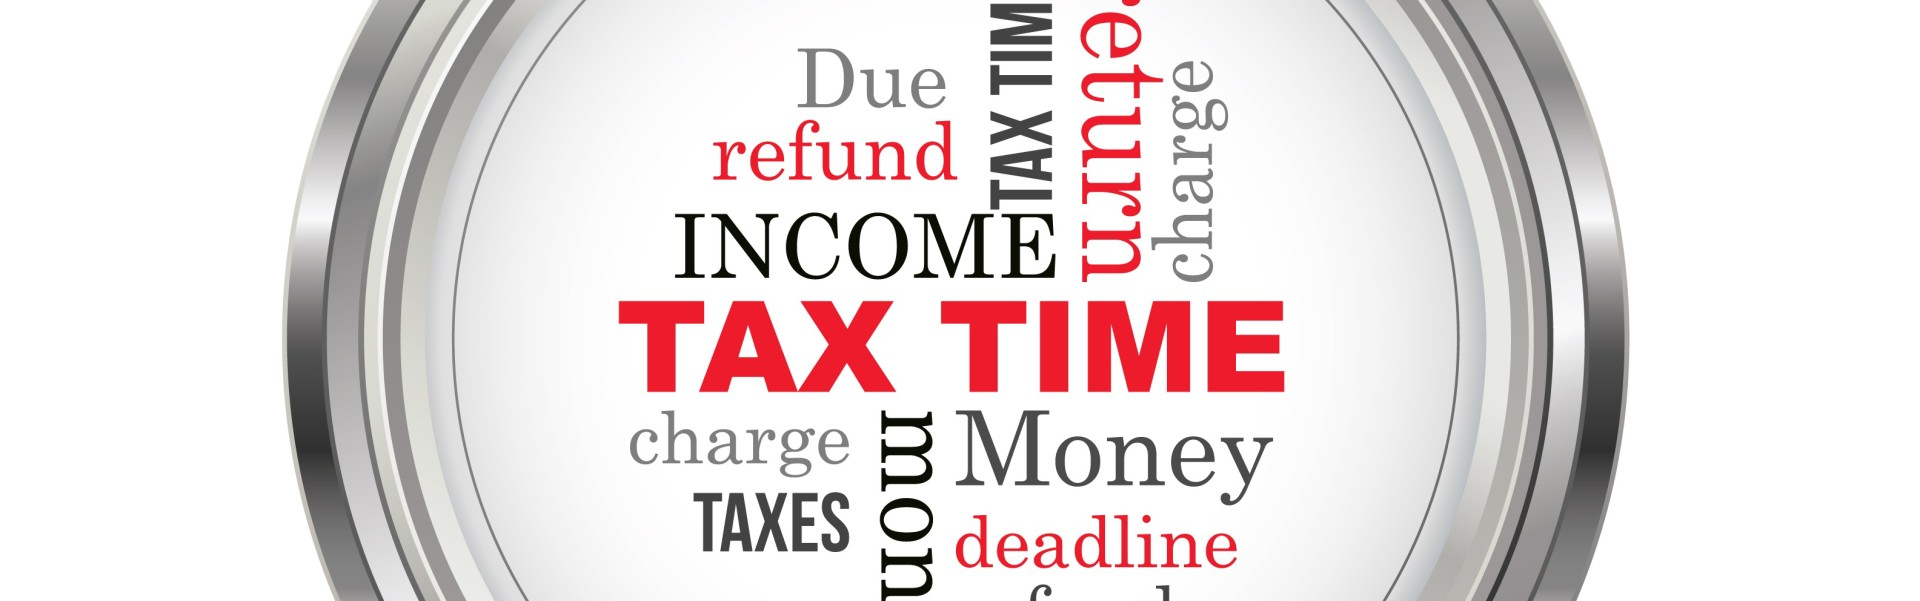 tax return net worth